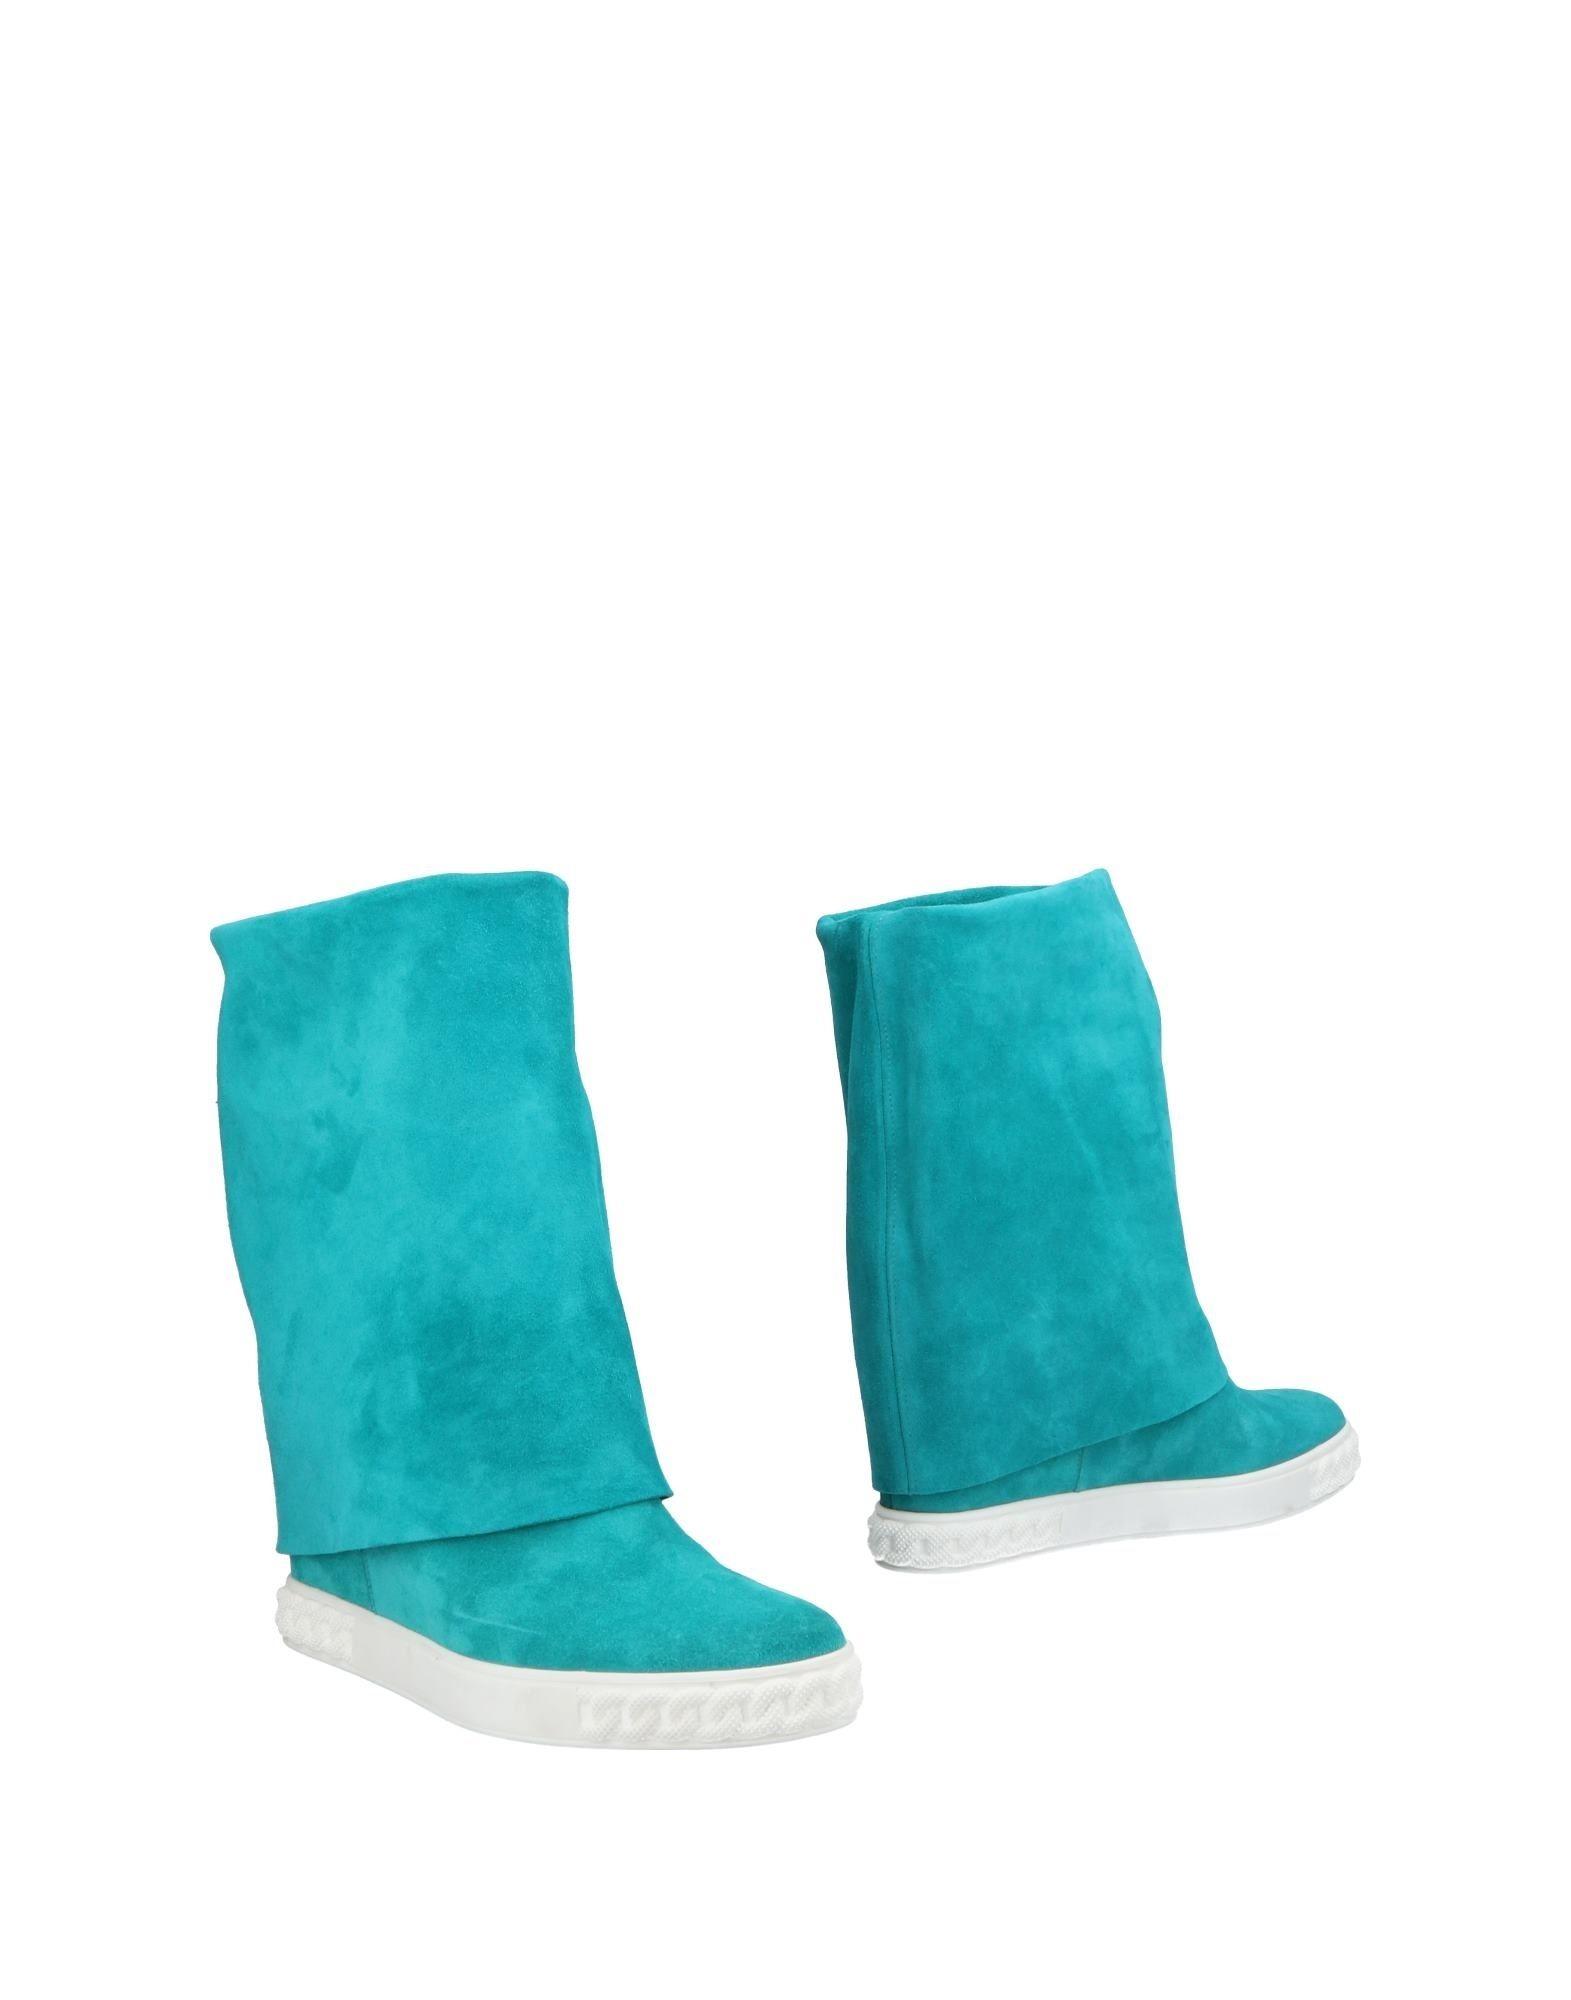 Stiefelette Casadei Stiefelette  Damen  11029527XE Heiße Schuhe e9f1ab